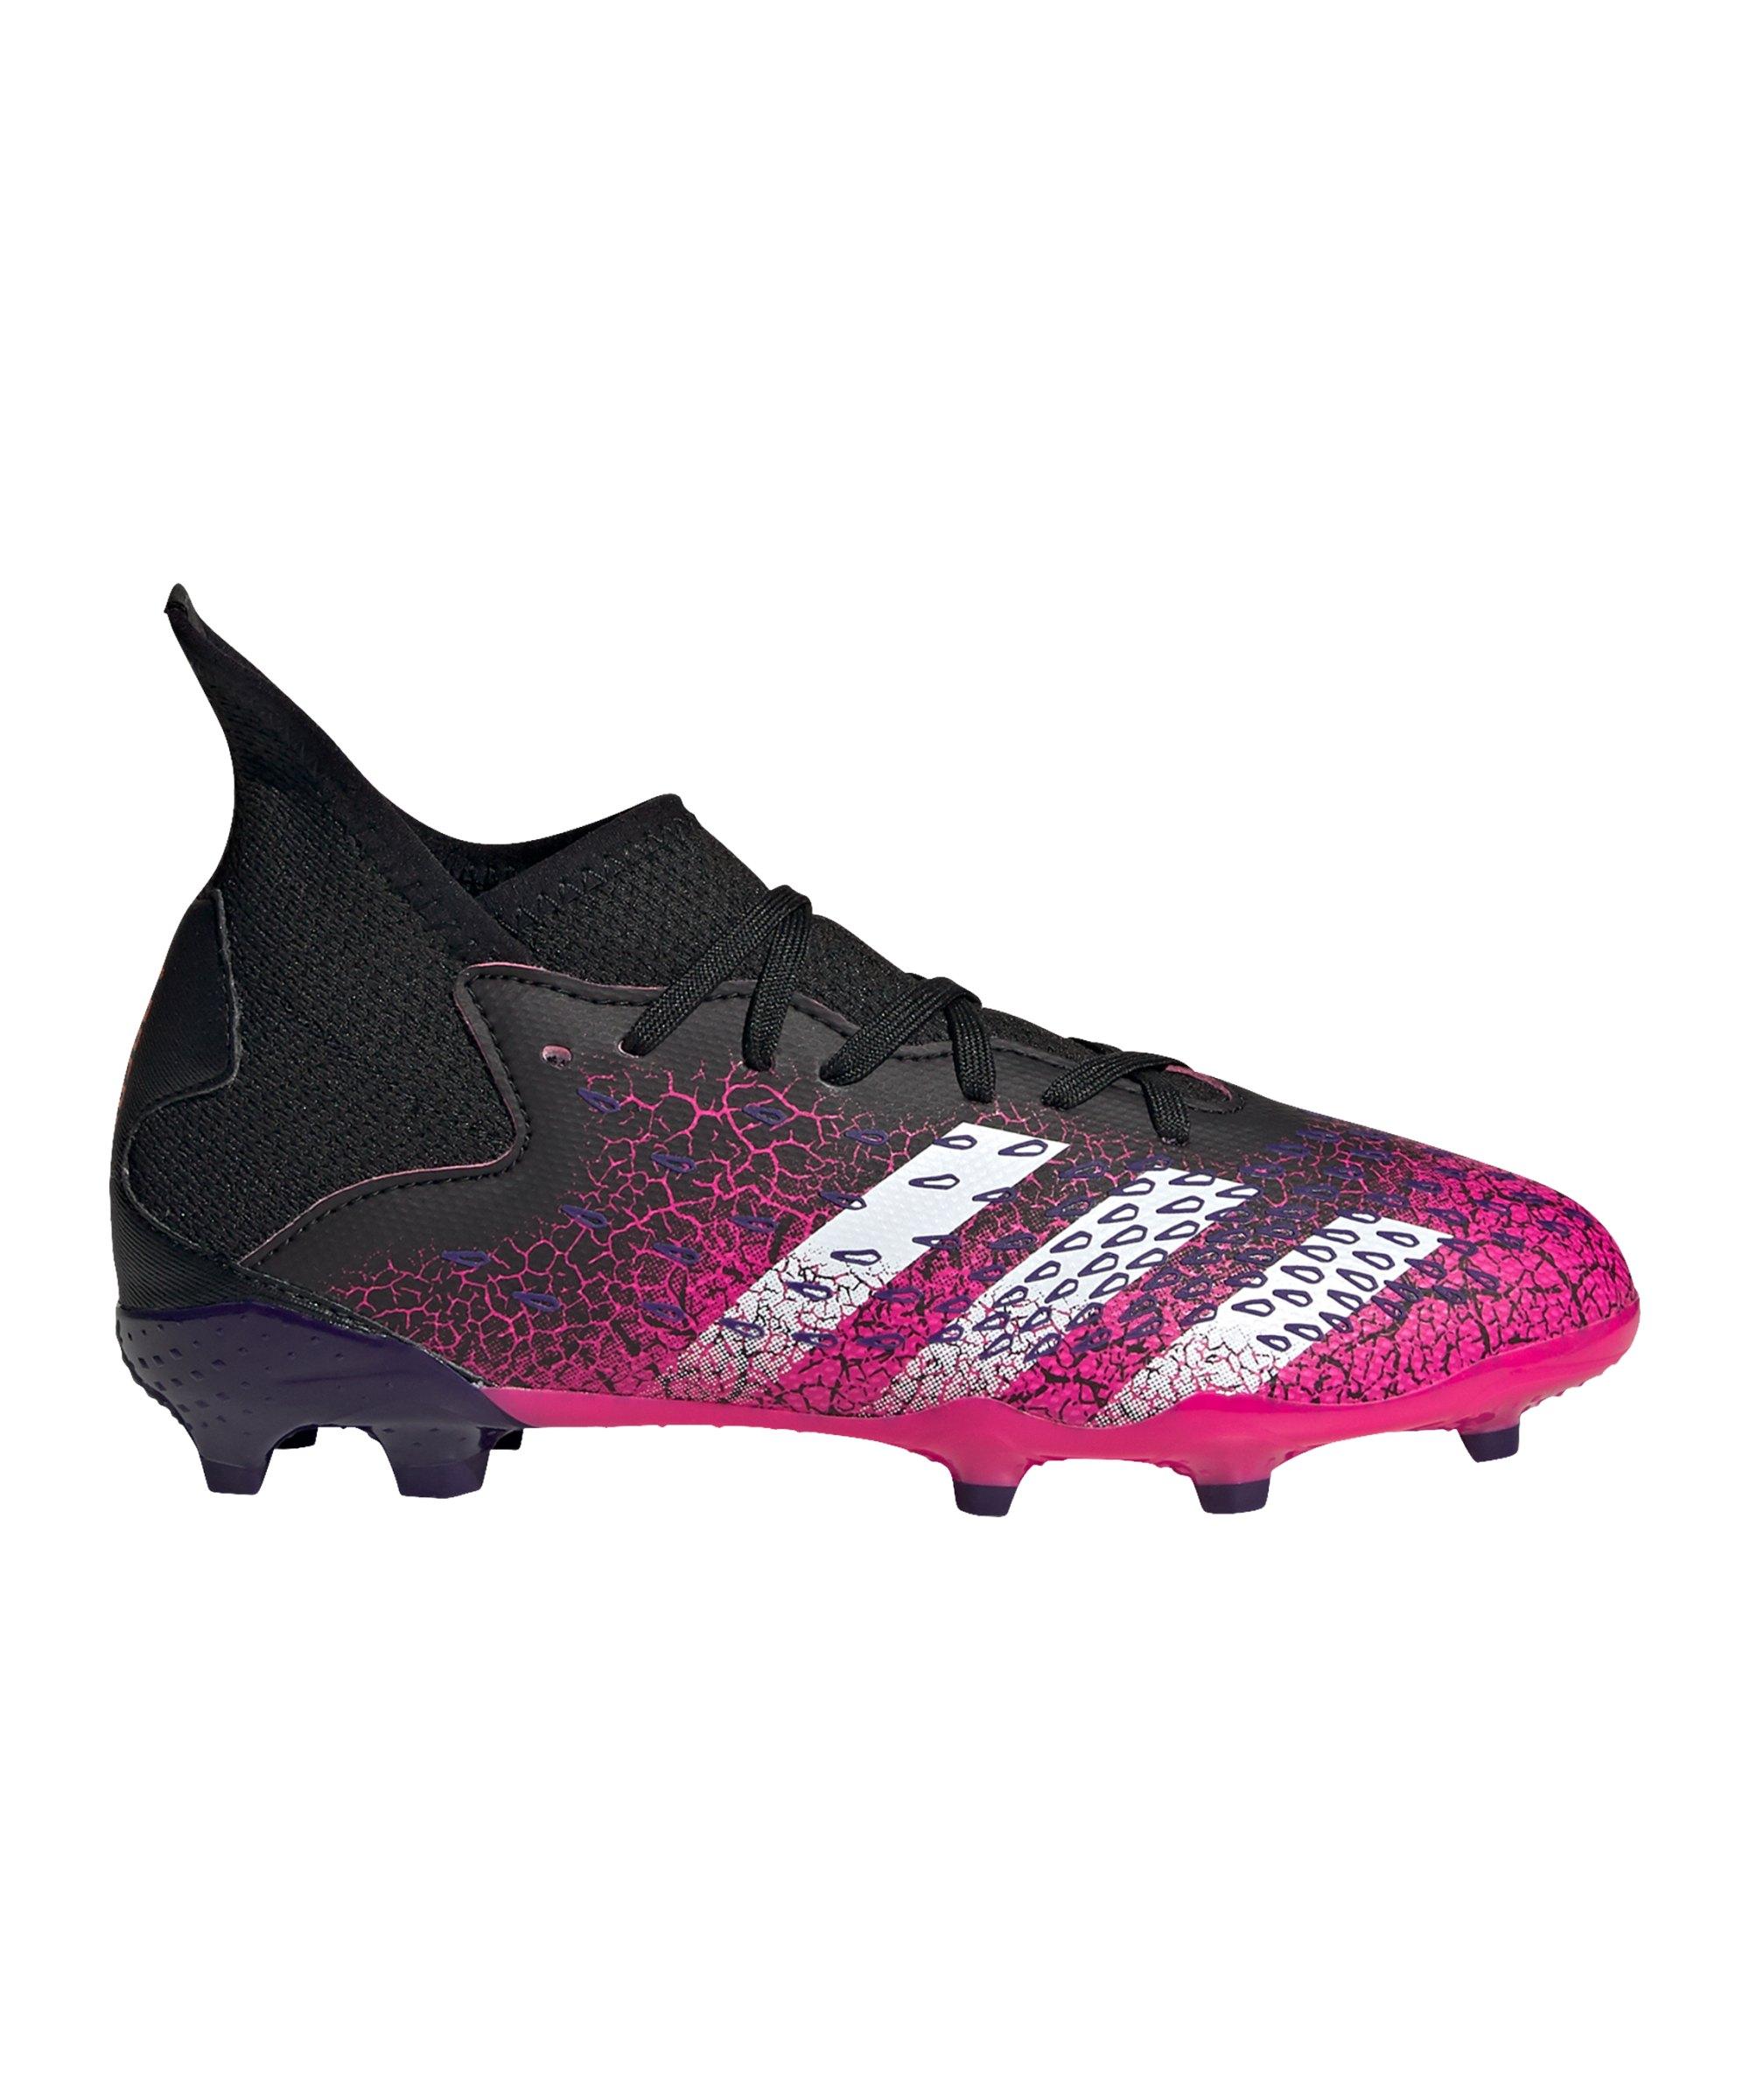 adidas Predator FREAK.3 FG Superspectral J Kids Schwarz Pink - schwarz